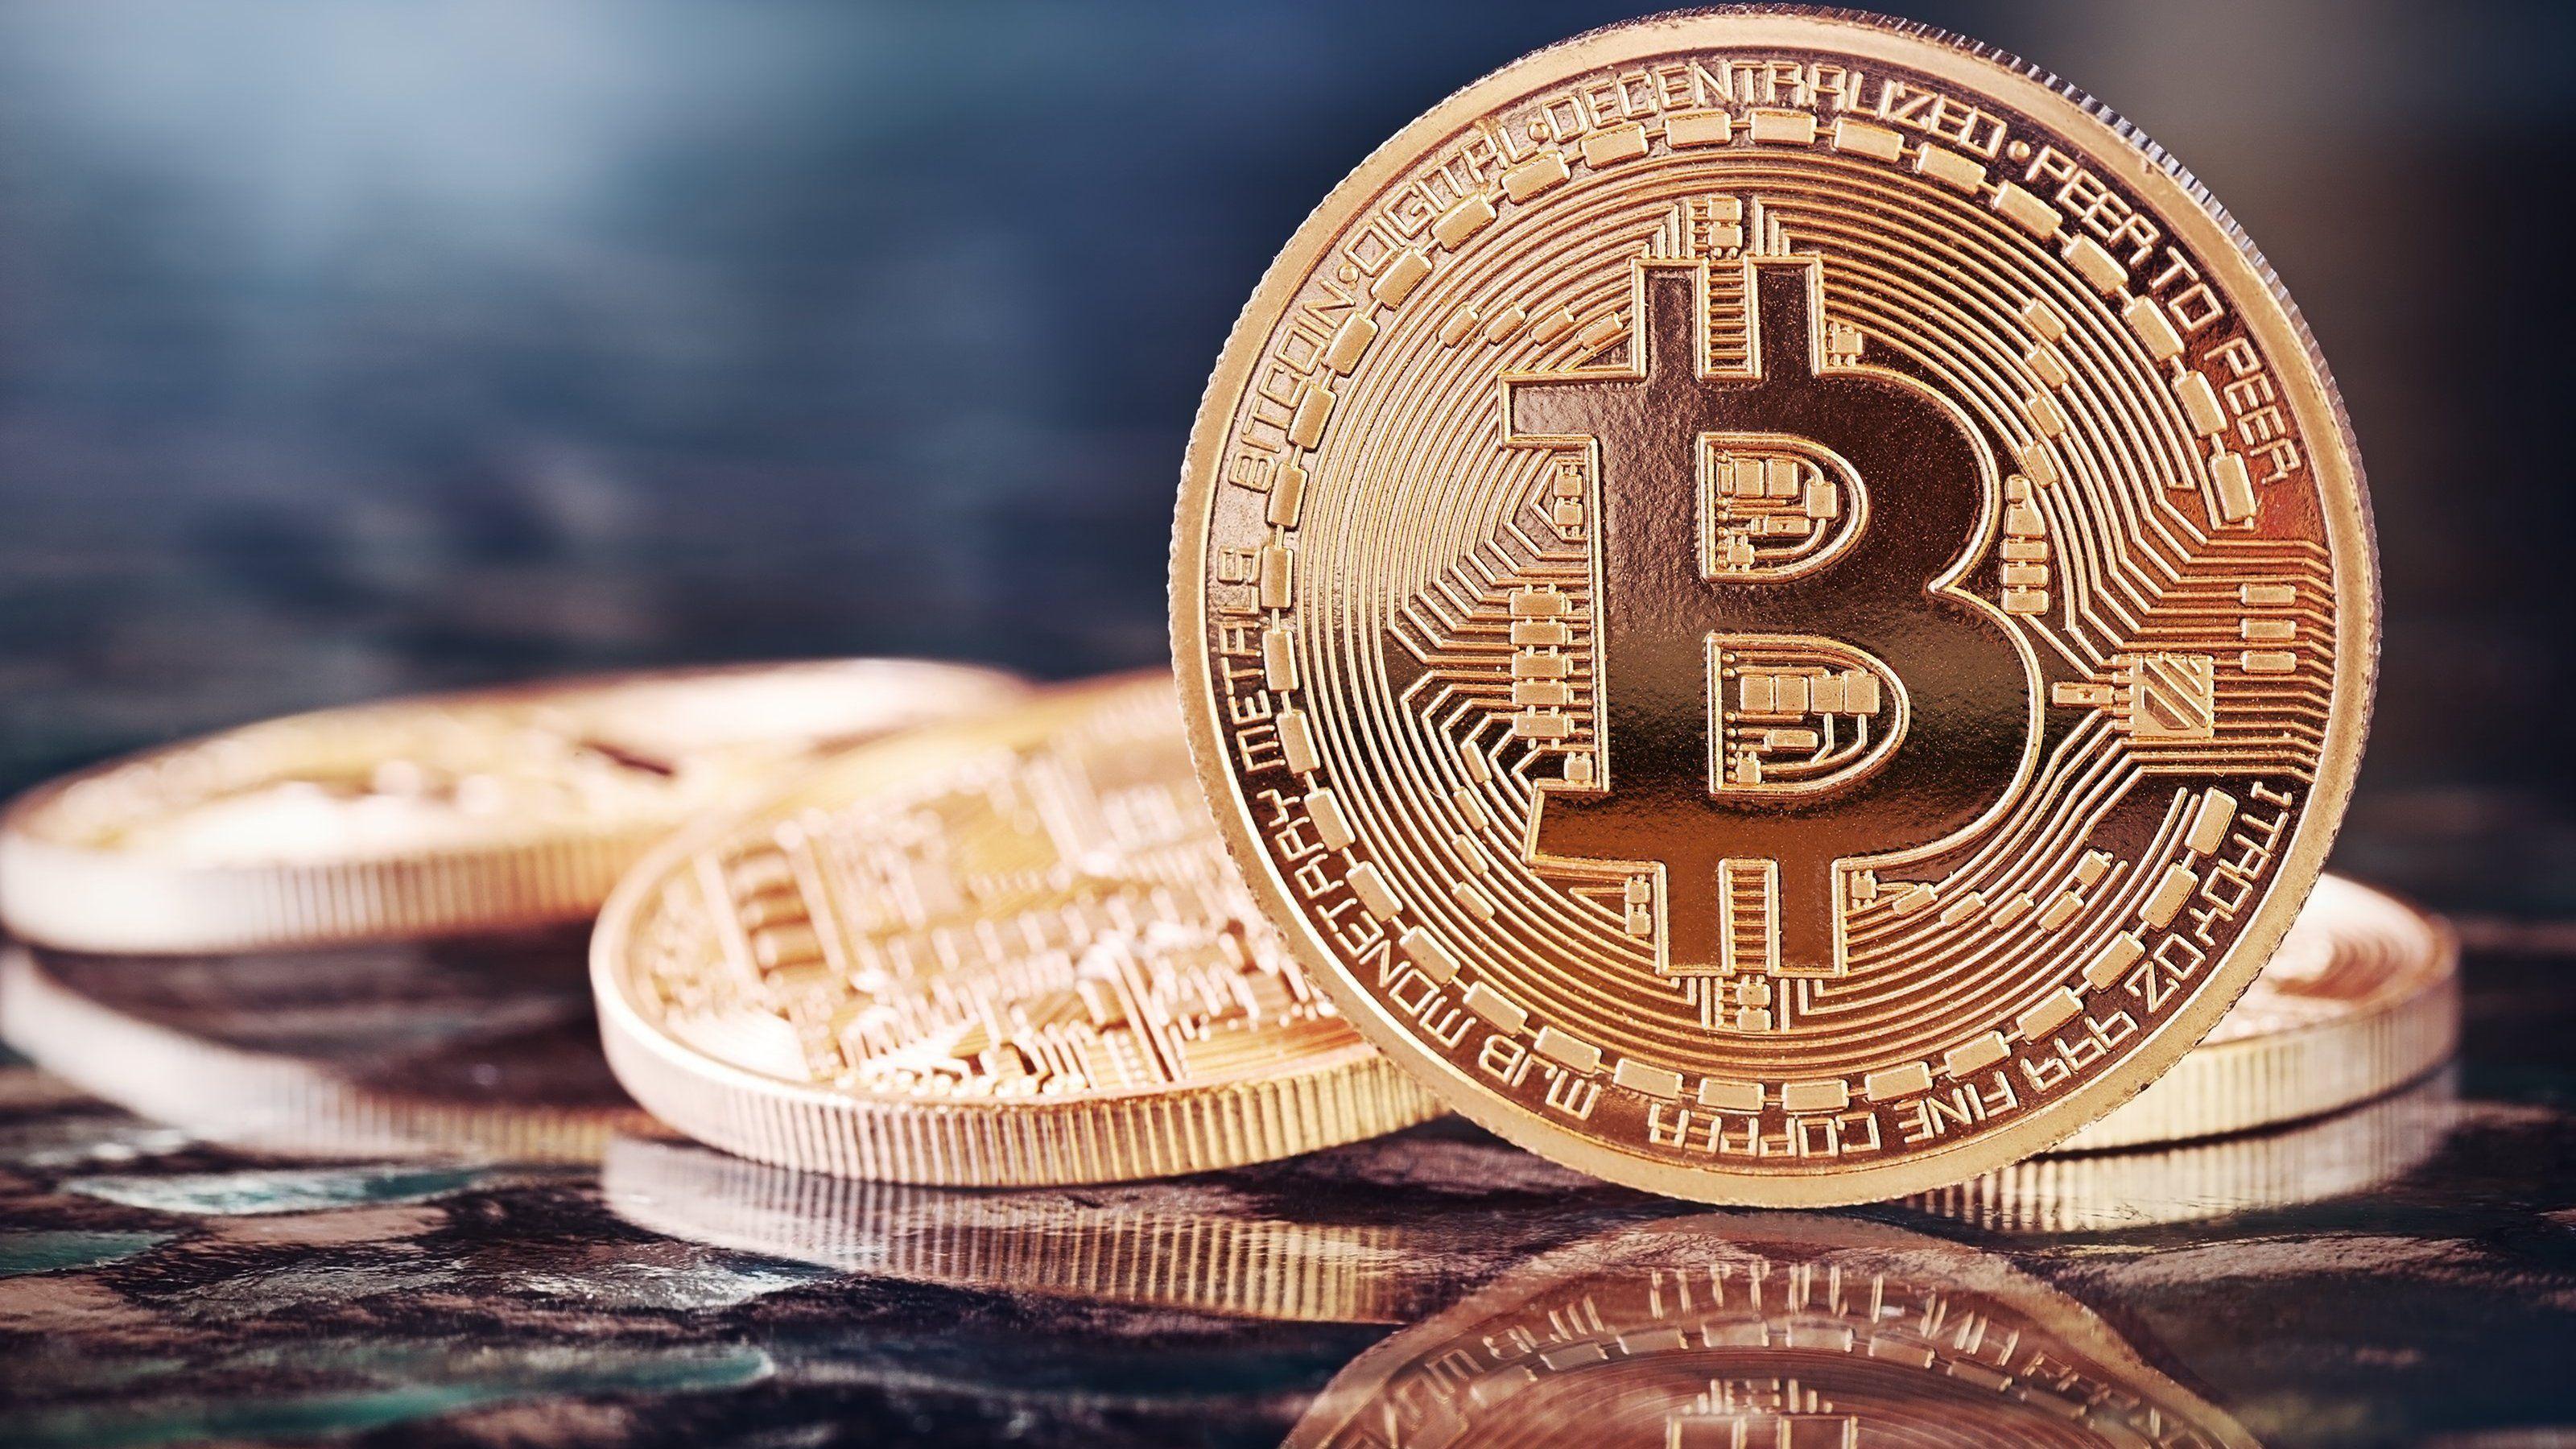 Mange har ennå stor tro på Bitcoin, til tross for de mange problemene. Foto: Julia Zakharova/Shutterstock.com